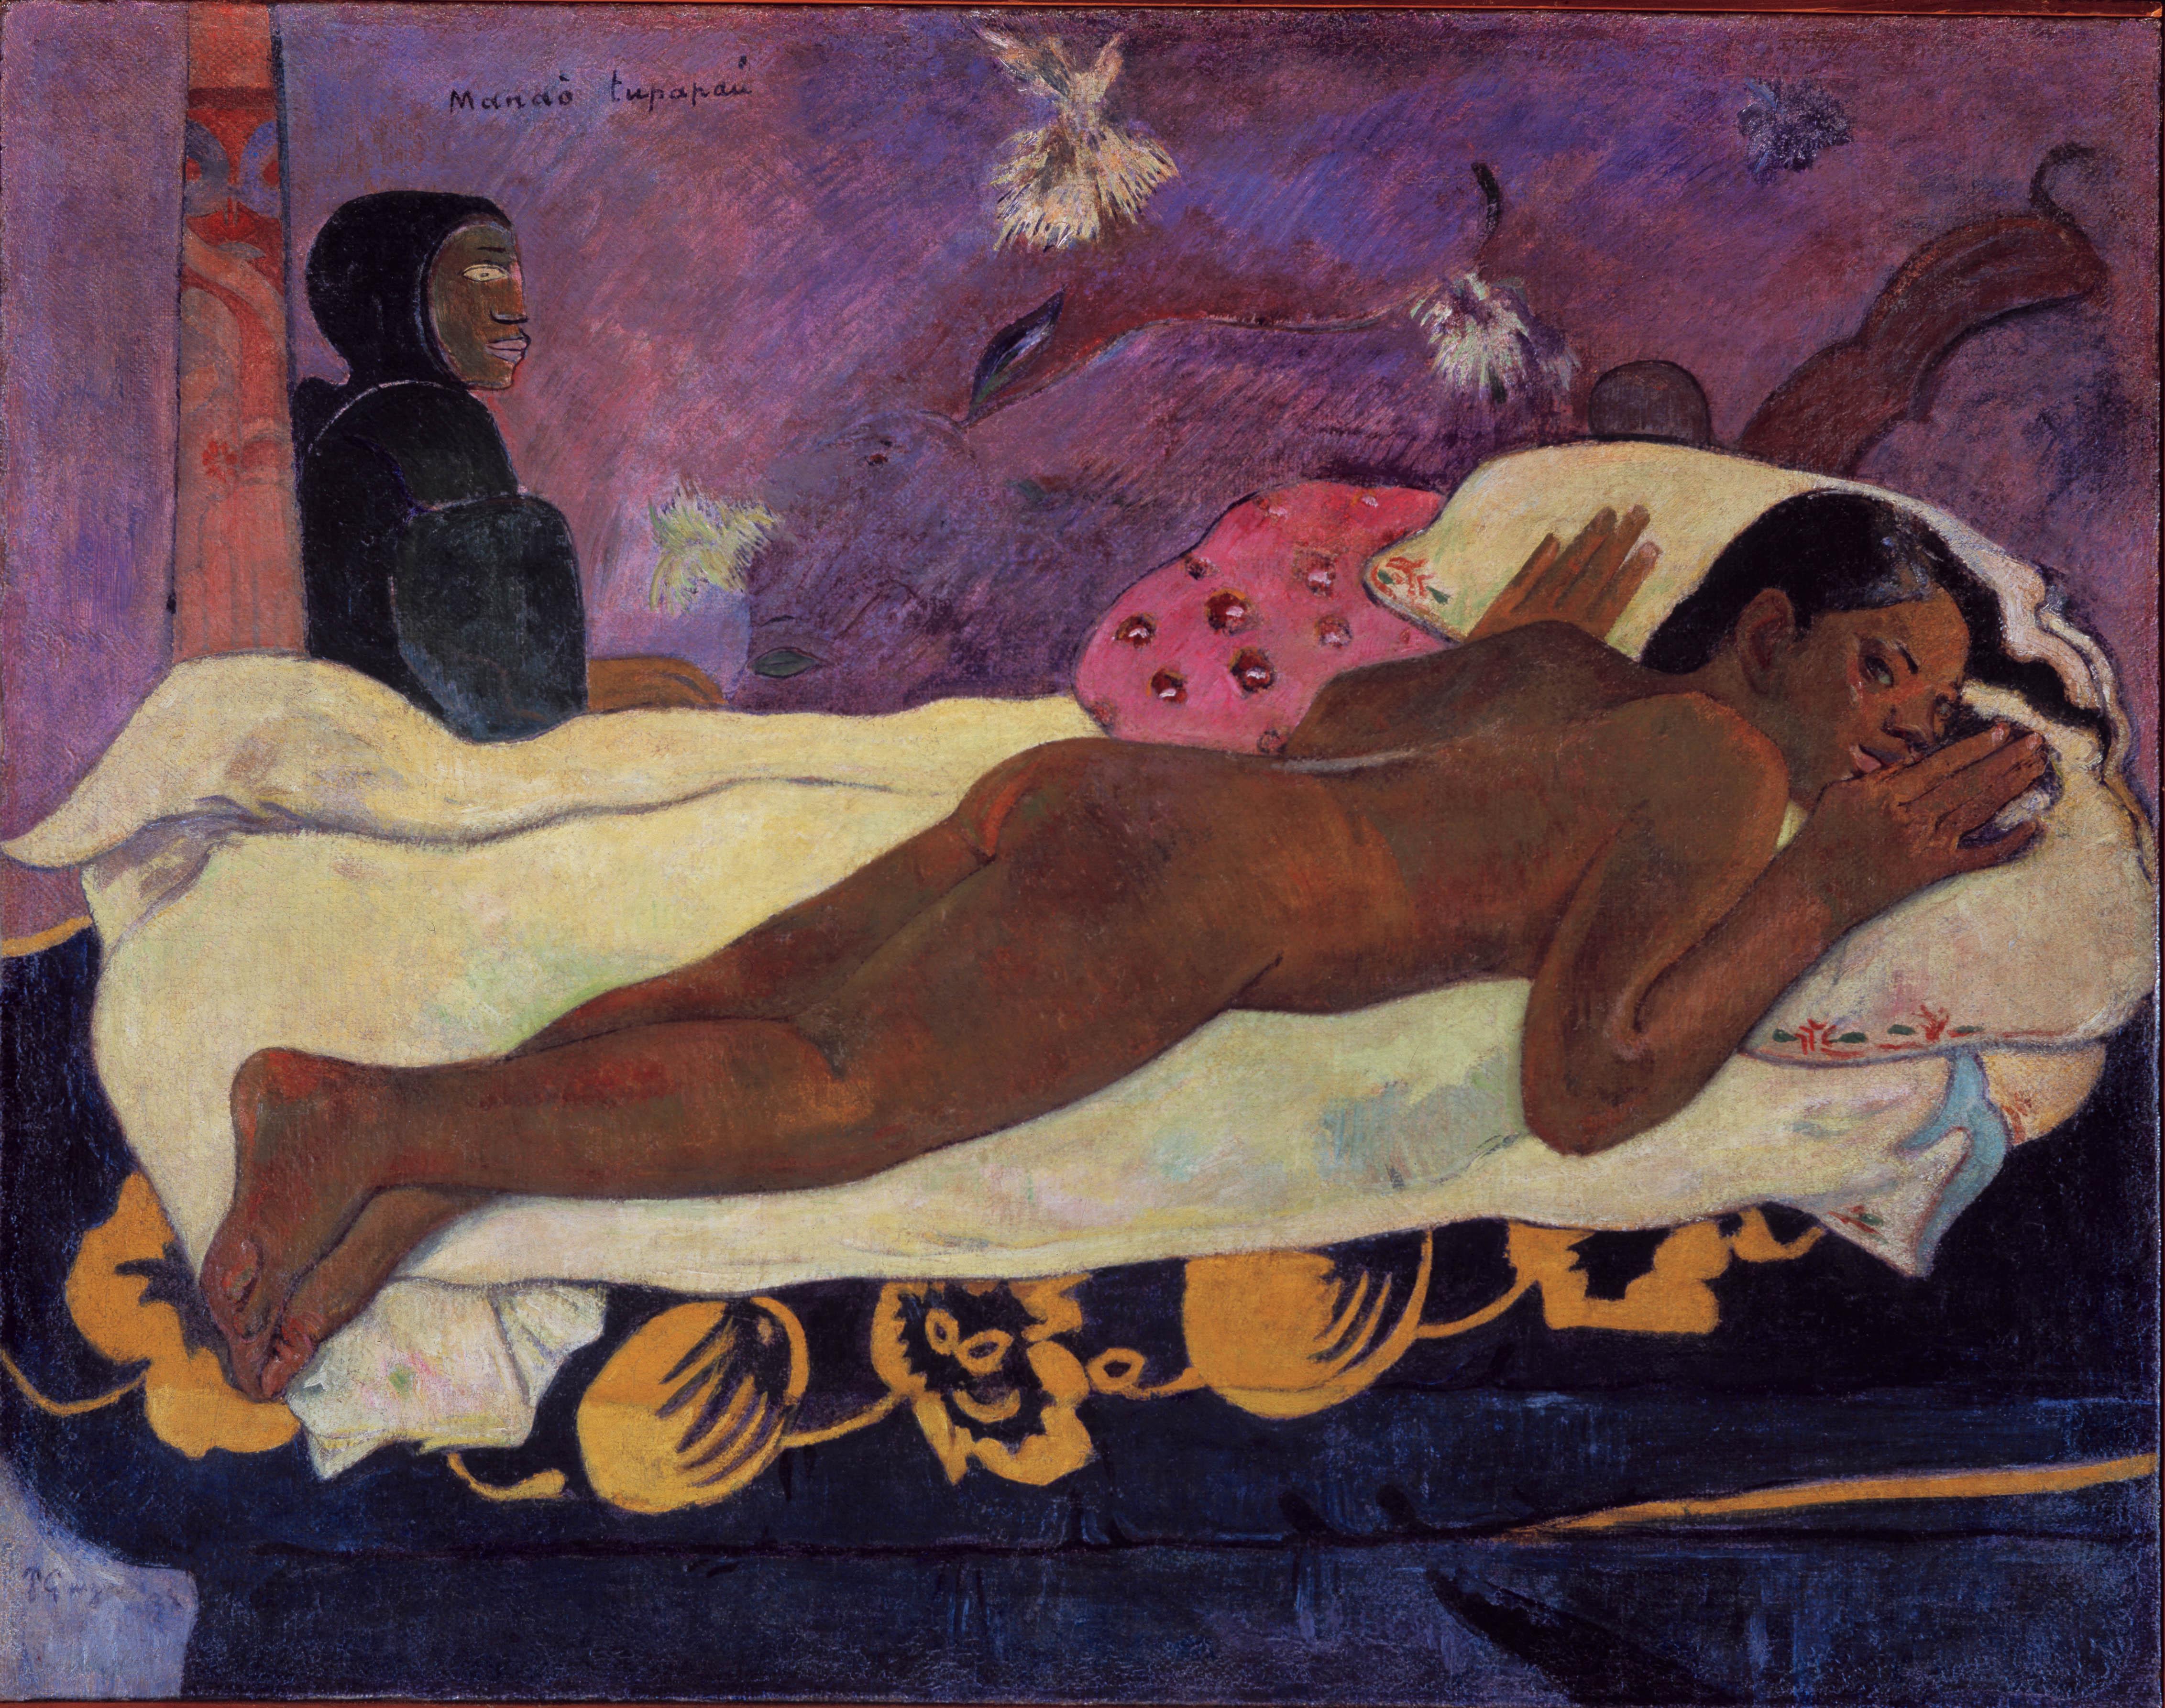 http://en.wikipedia.org/wiki/Paul_Gauguin